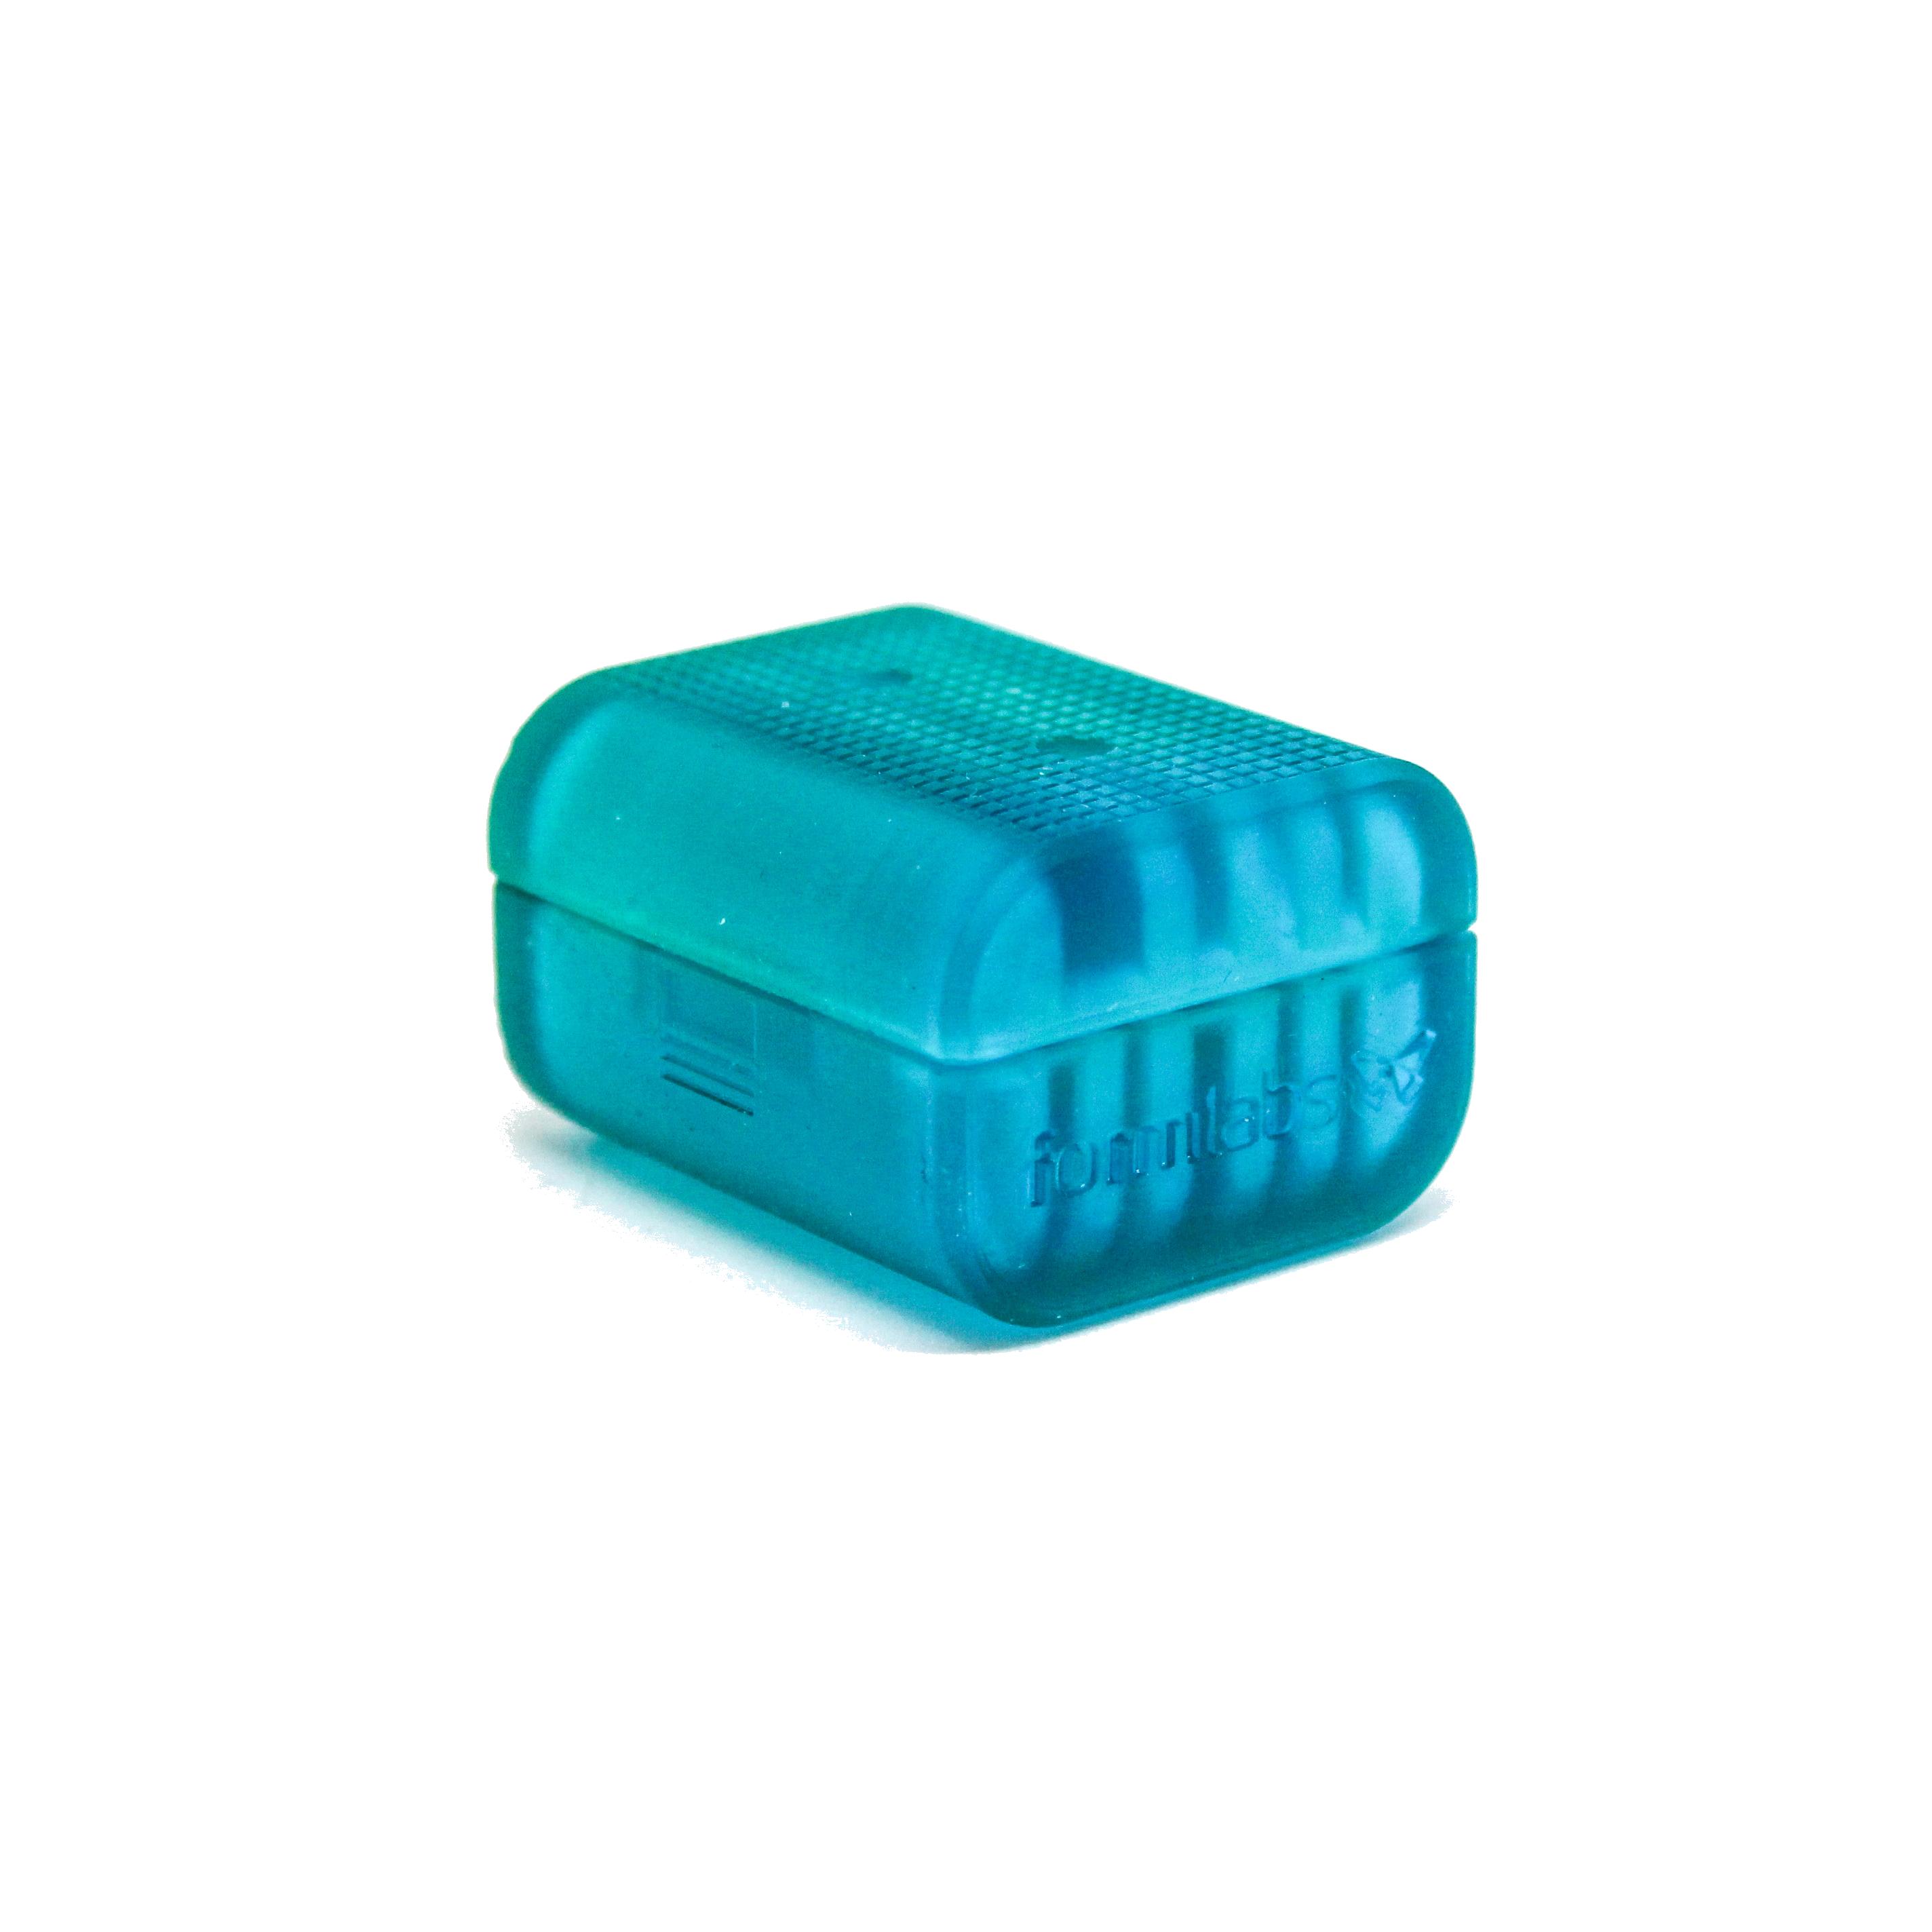 Makelab - 3D Printing Materials - Tough Resin